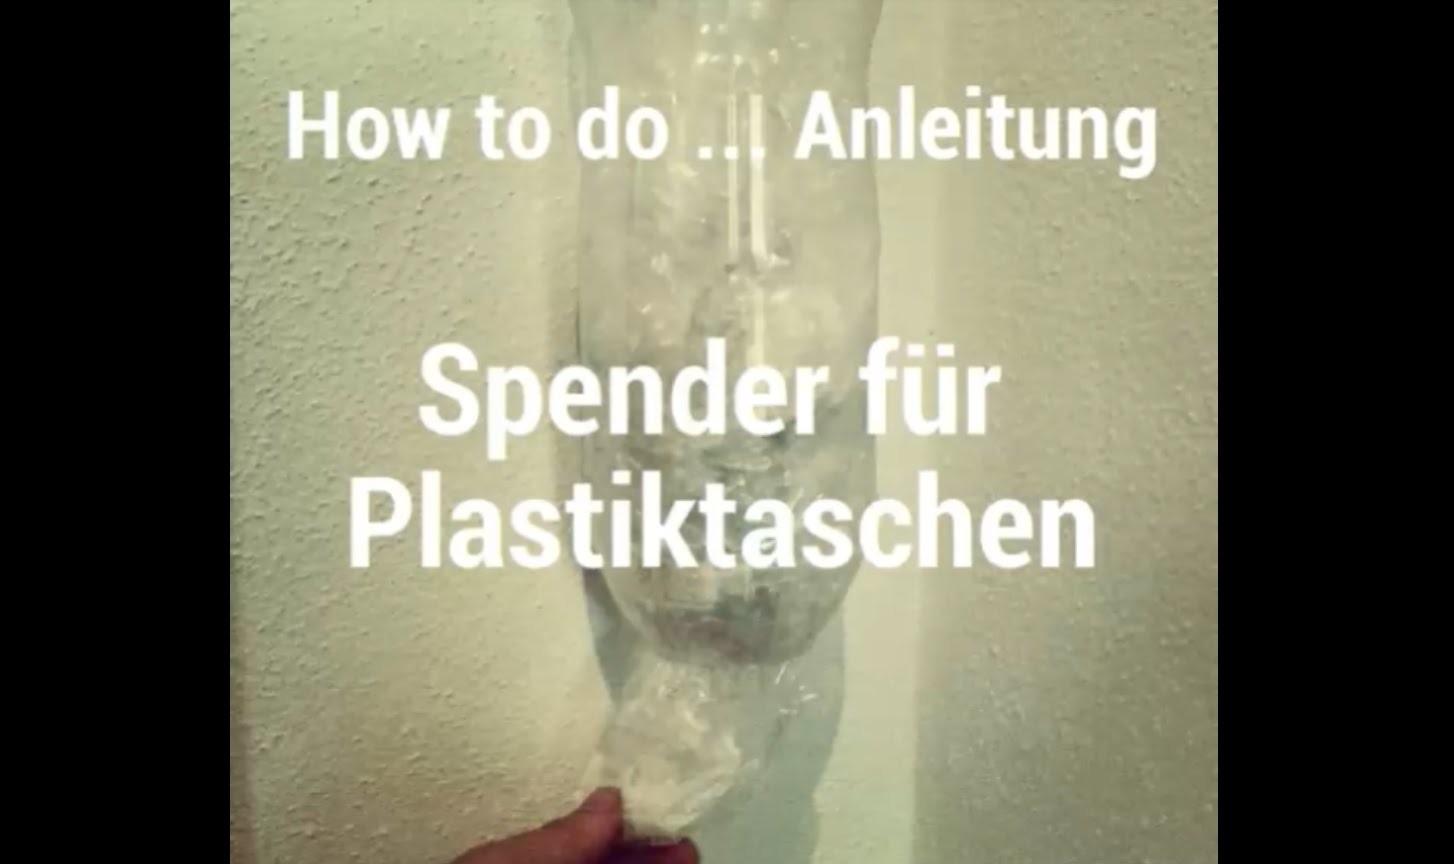 DIY Tipp: Einfacher Spender für Plastiktaschen - How to do Anleitung. Tutorial